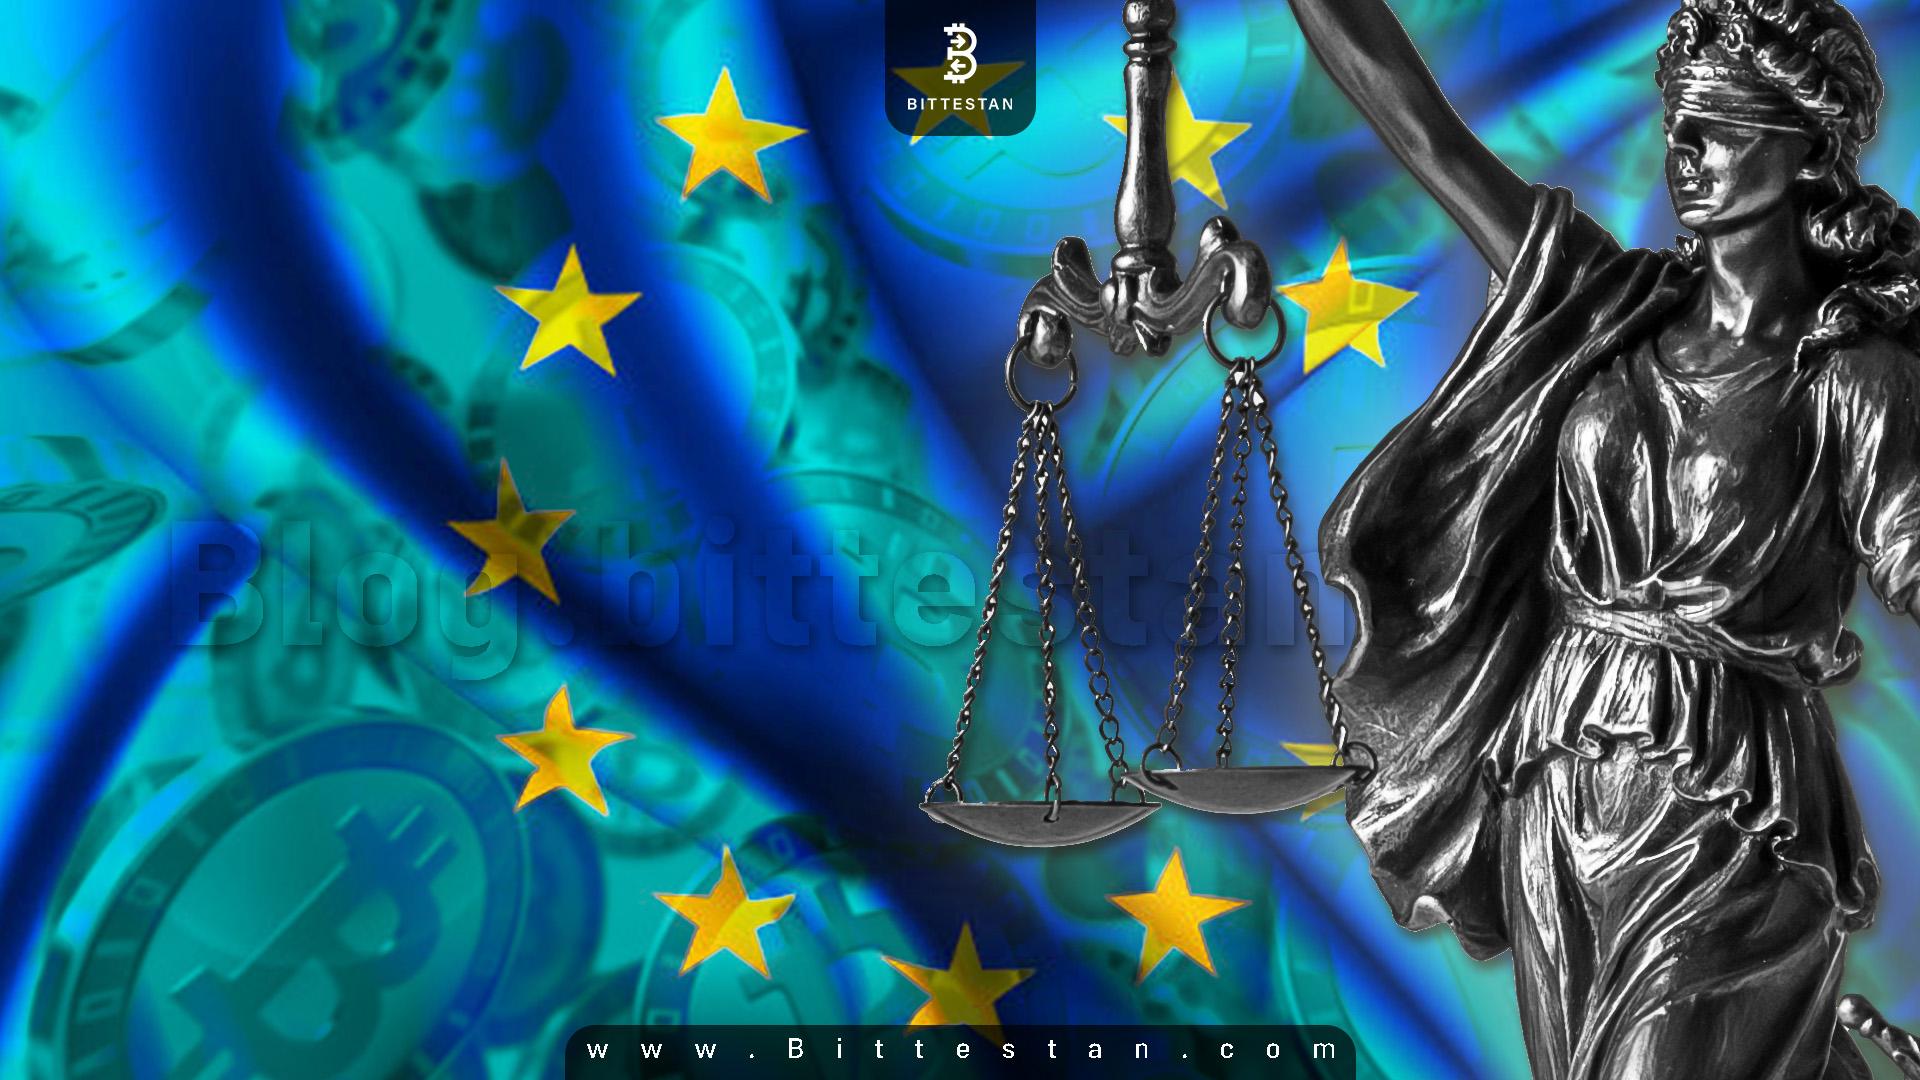 قوانین ارزهای دیجیتال در اتحادیه اروپا